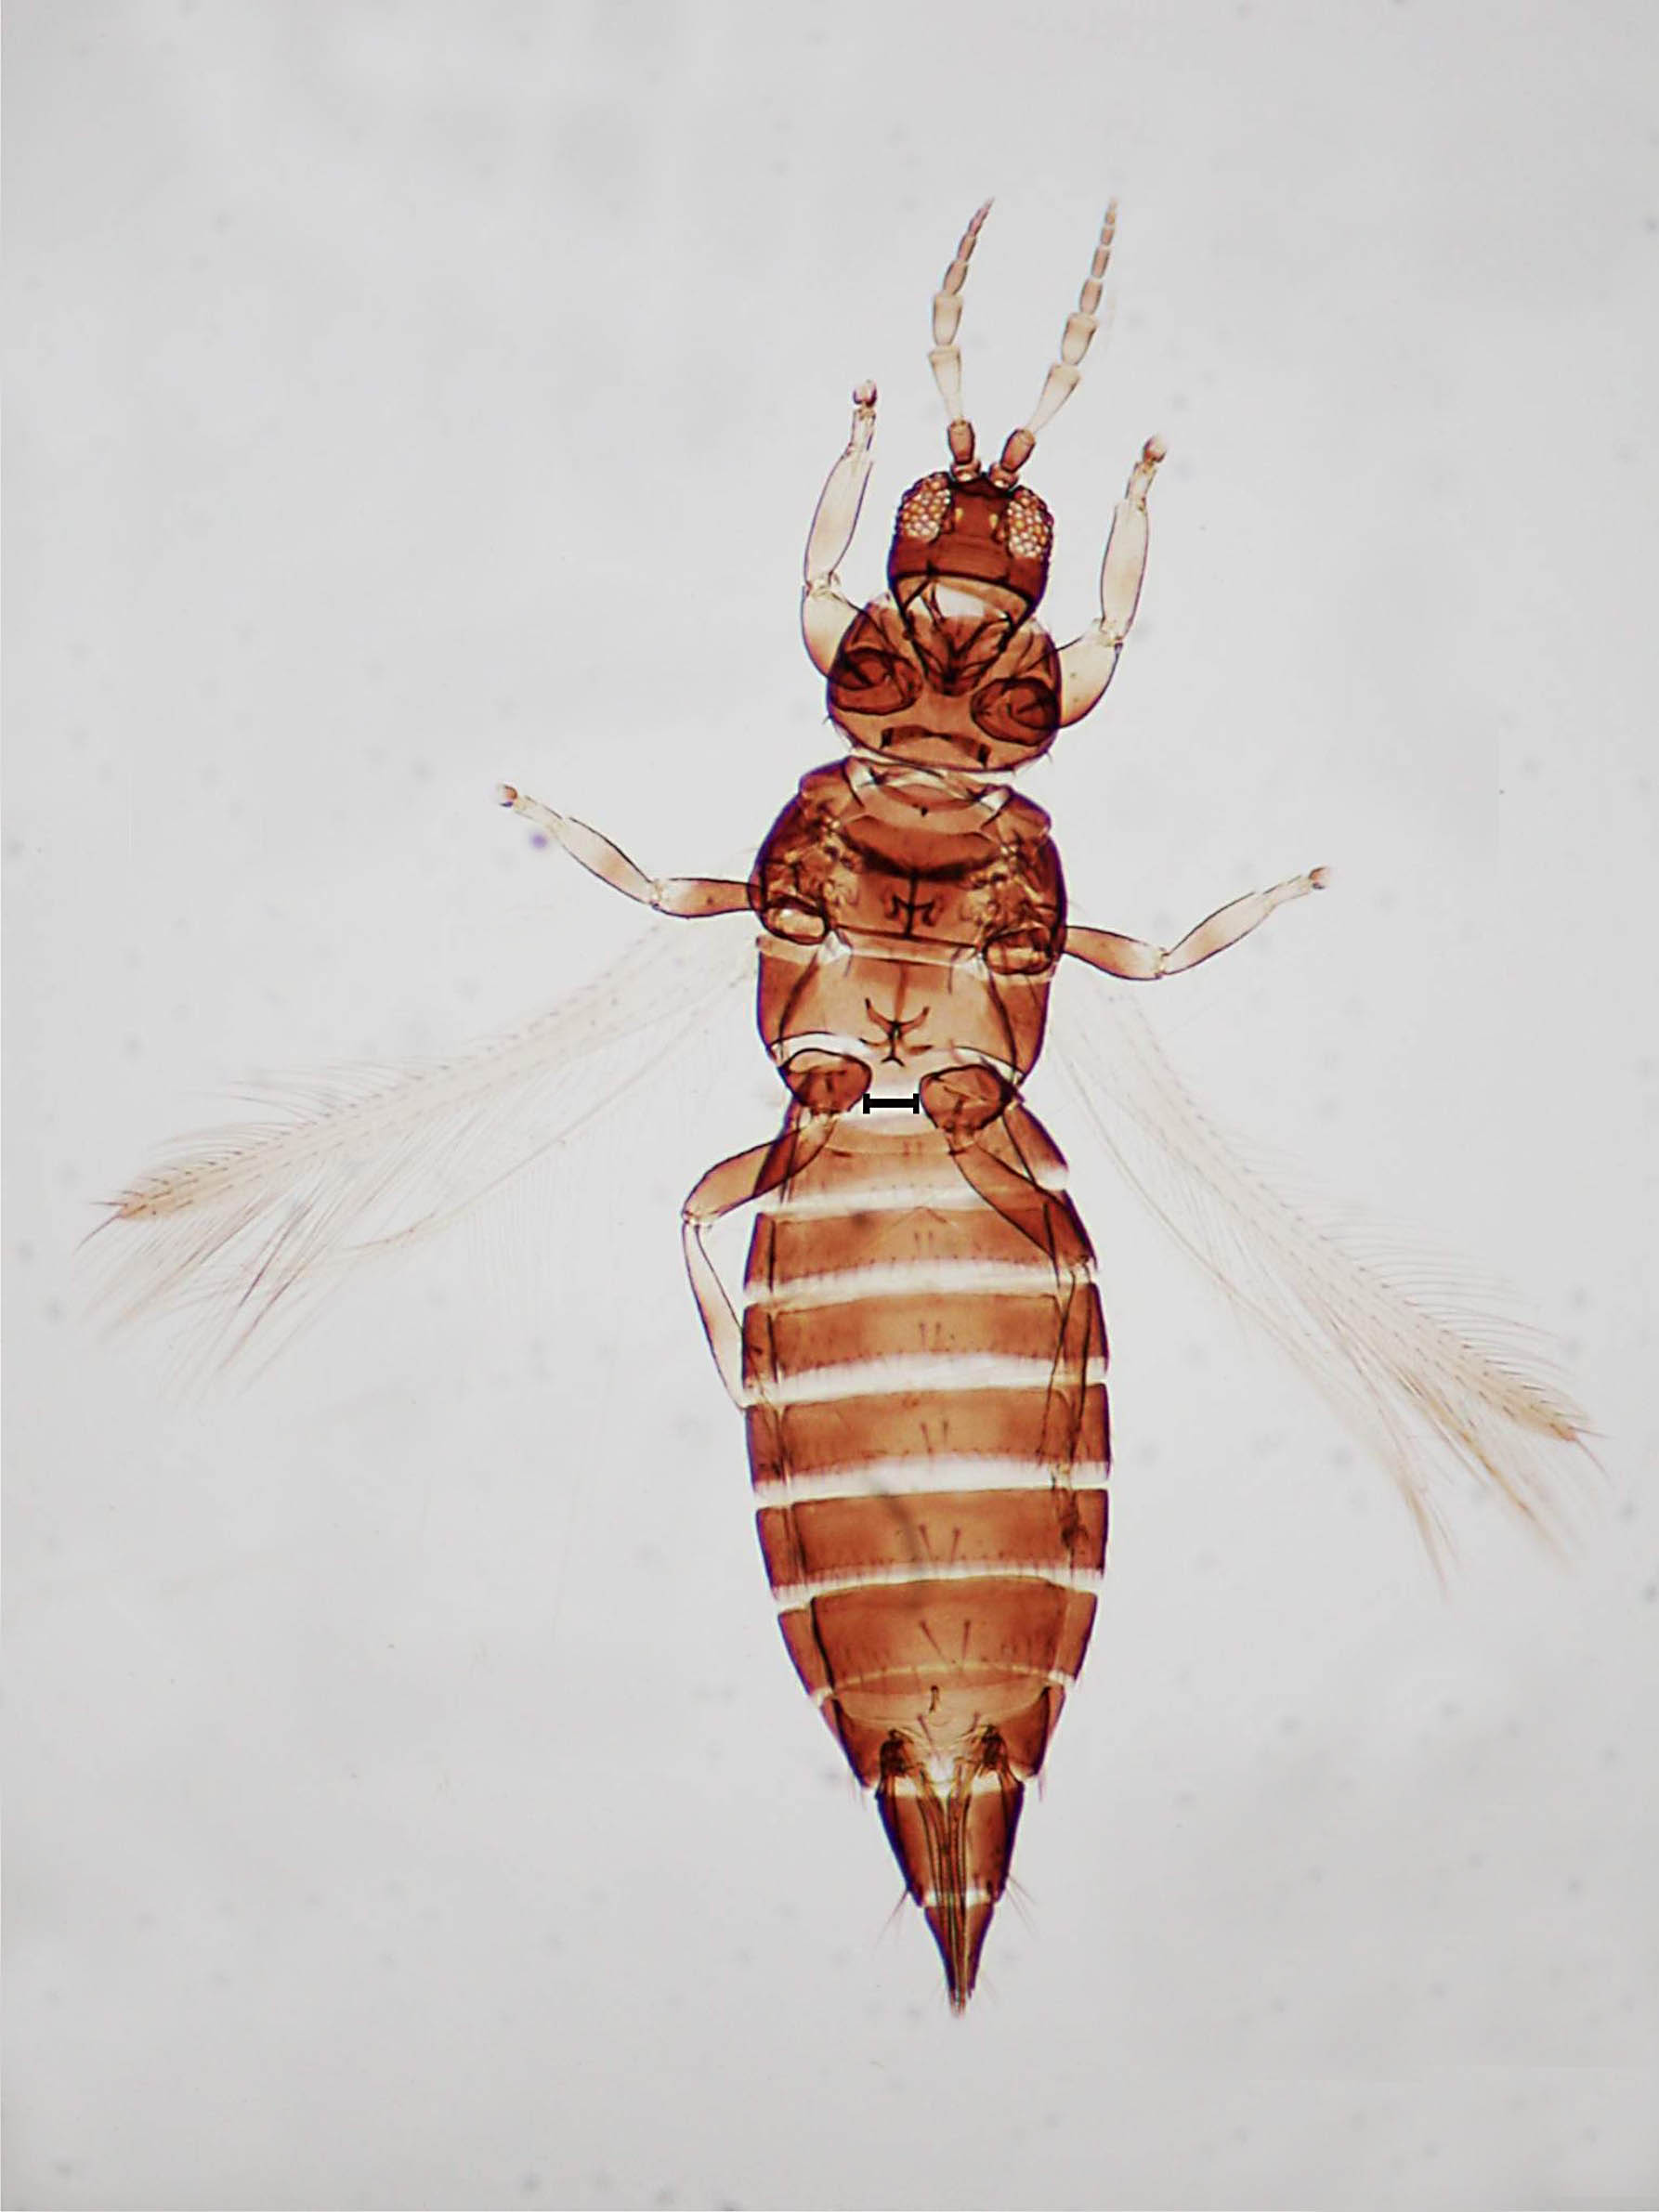 Heterothrips peixotoa